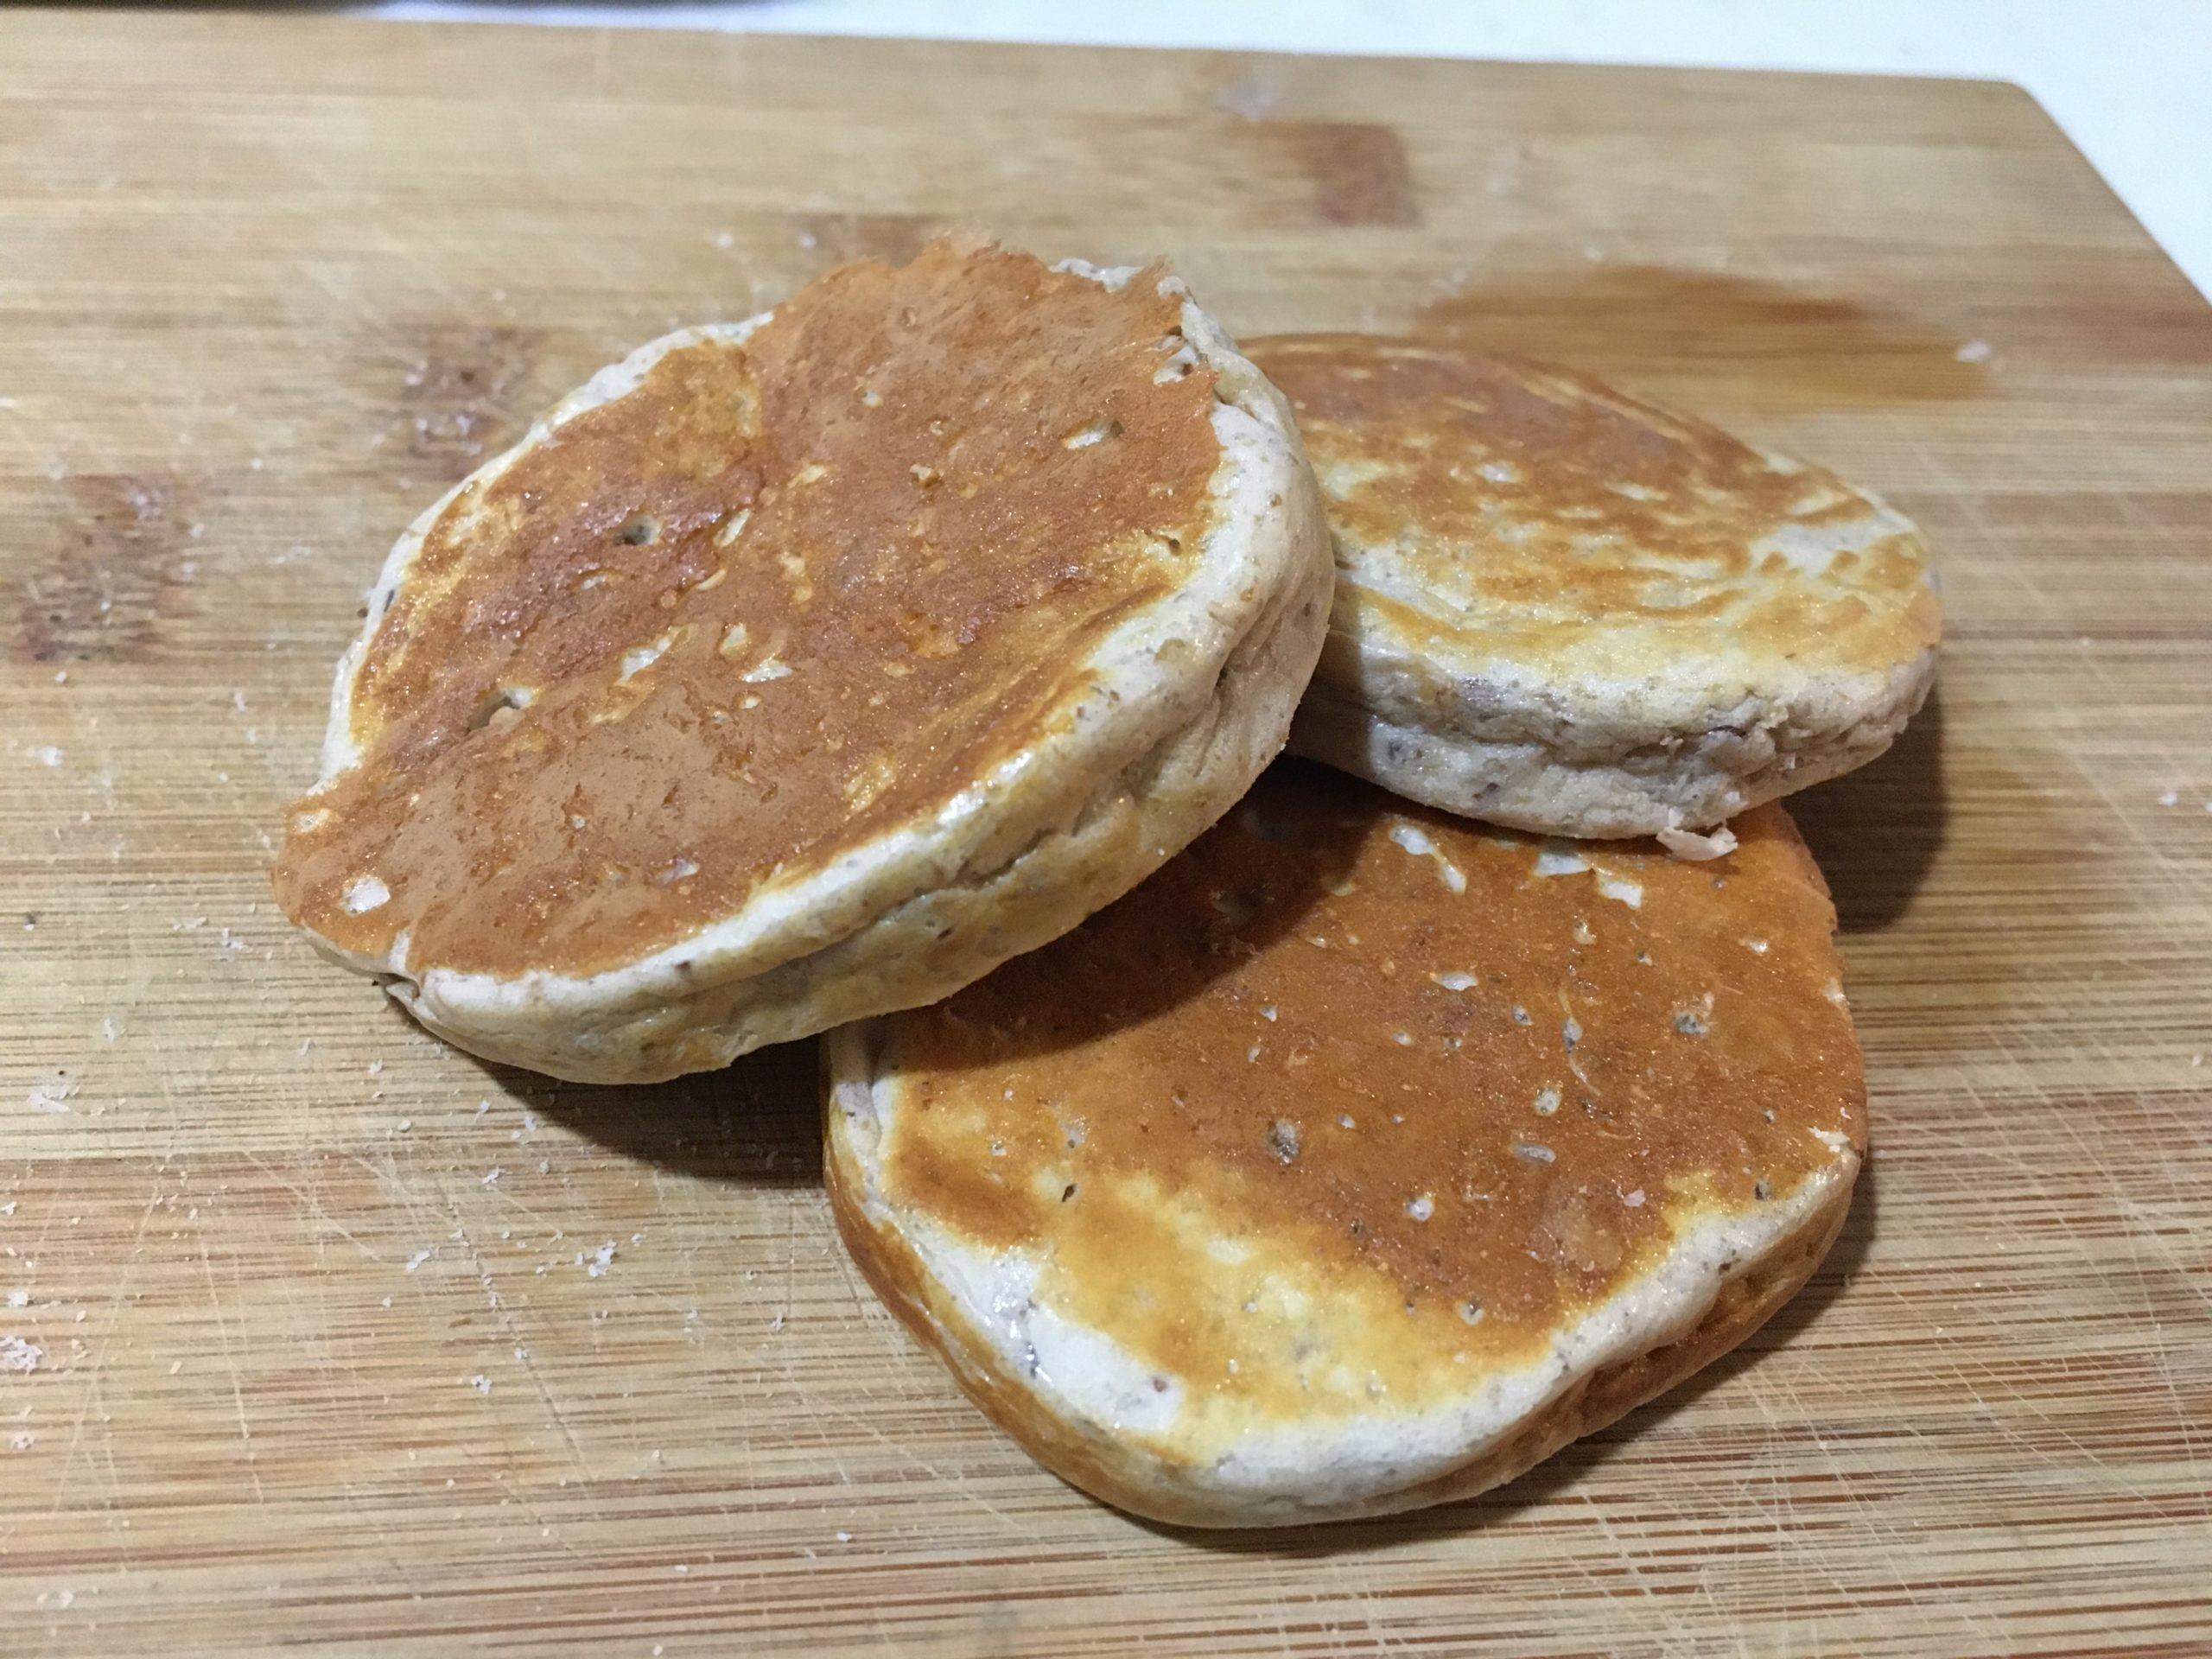 【低糖質・高タンパク】プロテインアーモンドソフトクッキーのレシピ紹介。糖質制限(ケトジェニック)でも楽しめるプロテインスイーツ